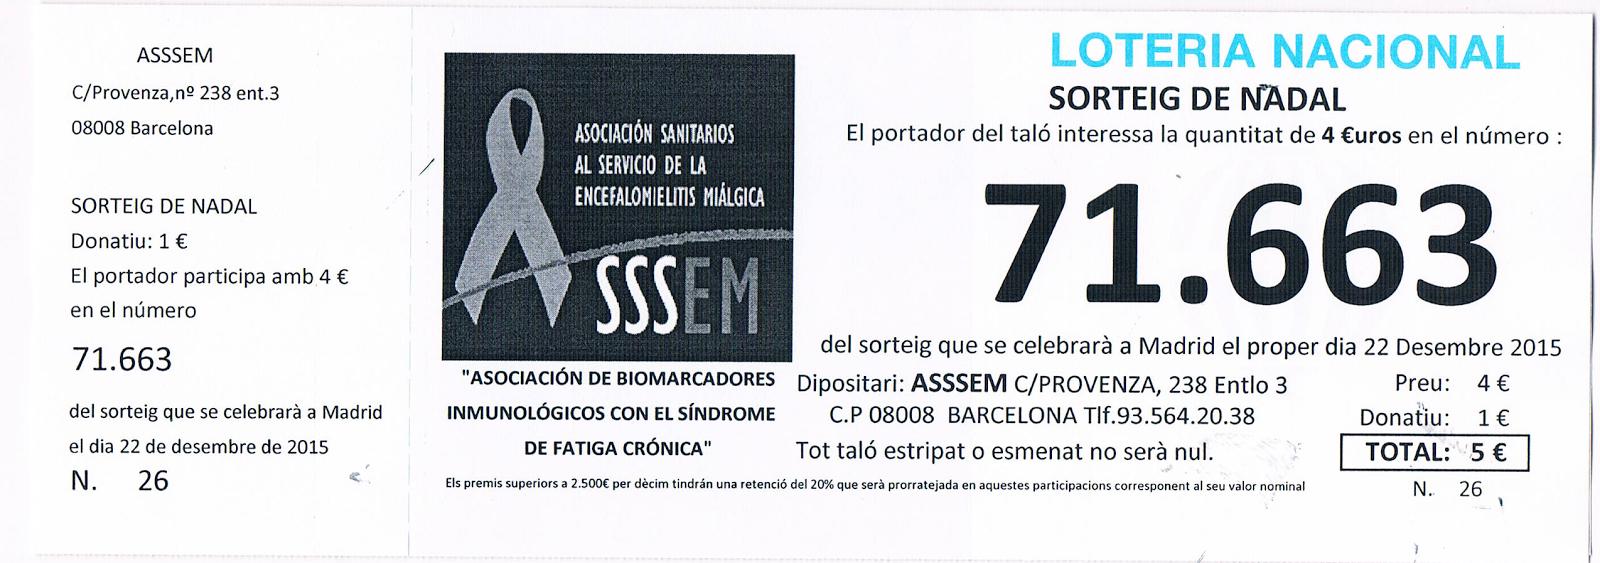 Loteria de NAVIDAD de ASSSEM